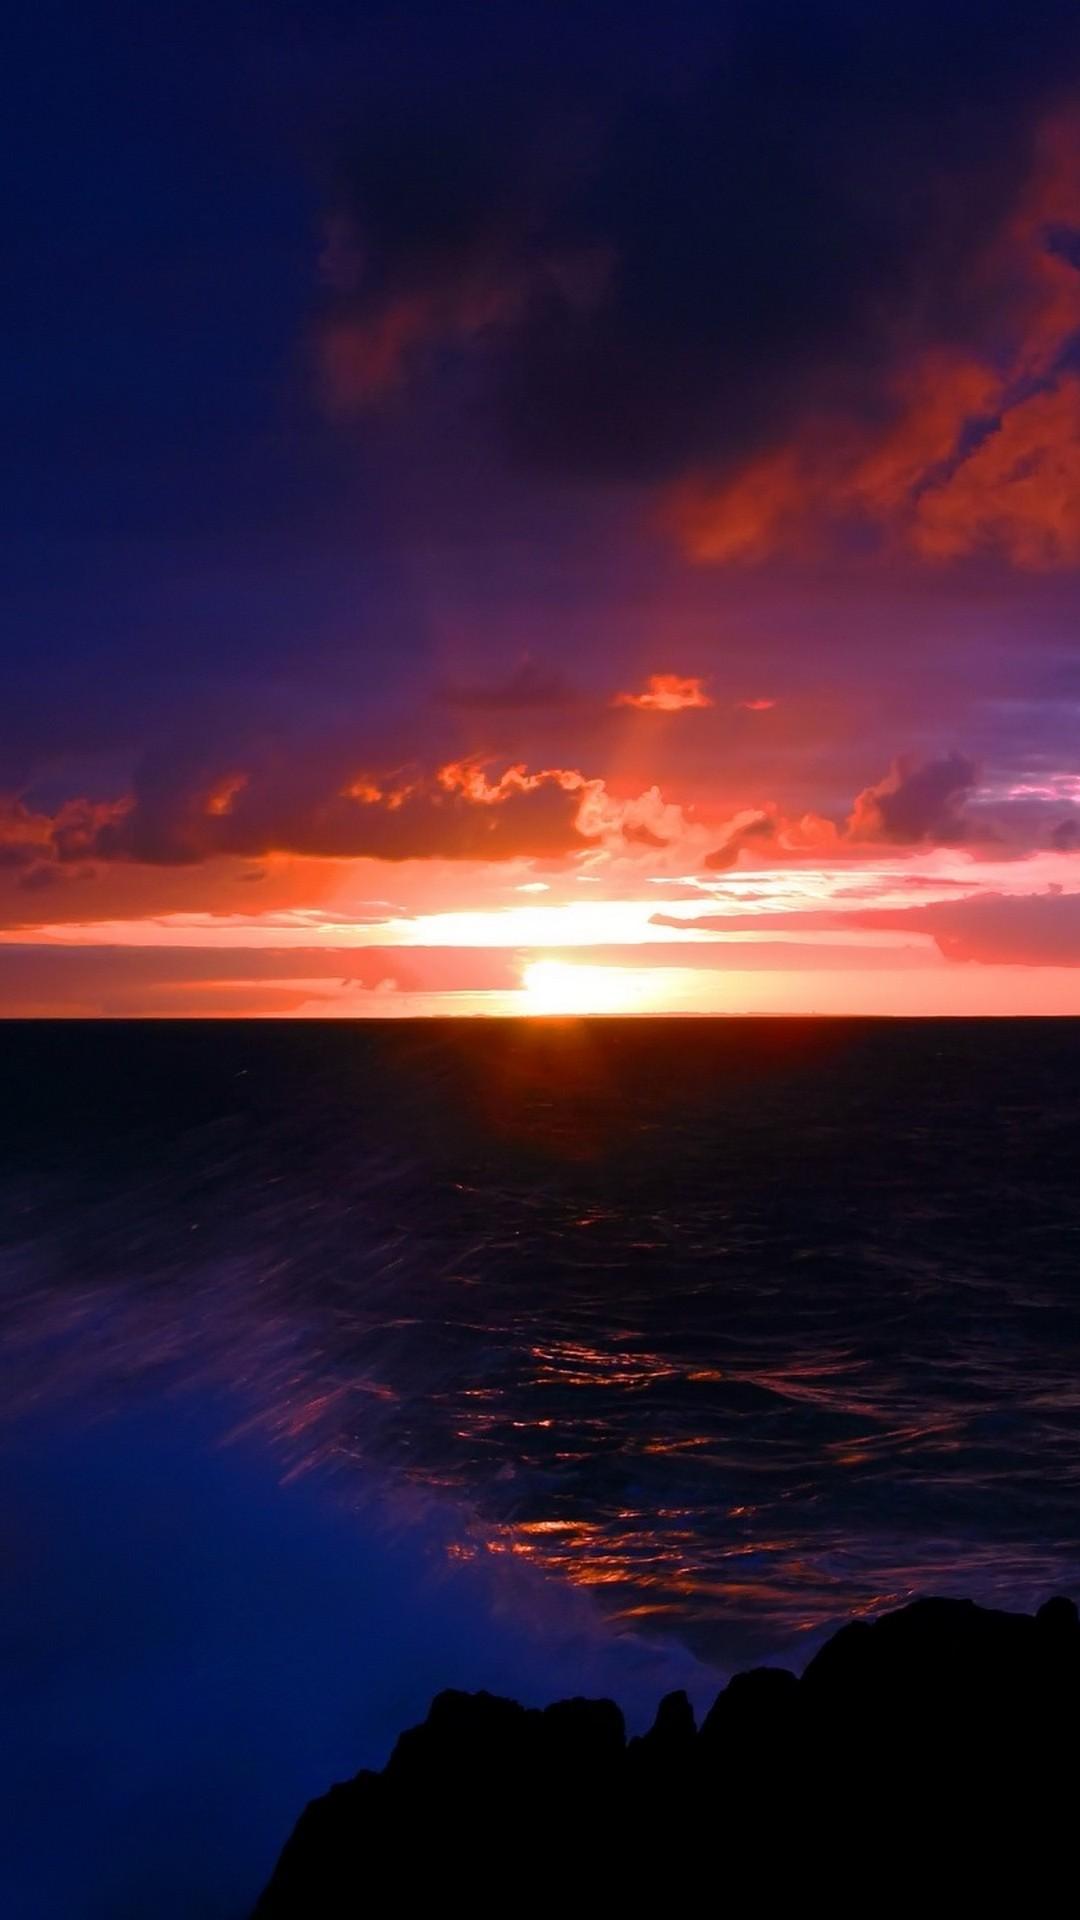 Sunset Iphone Home Screen Wallpaper With High-resolution - Sunset Dark - HD Wallpaper